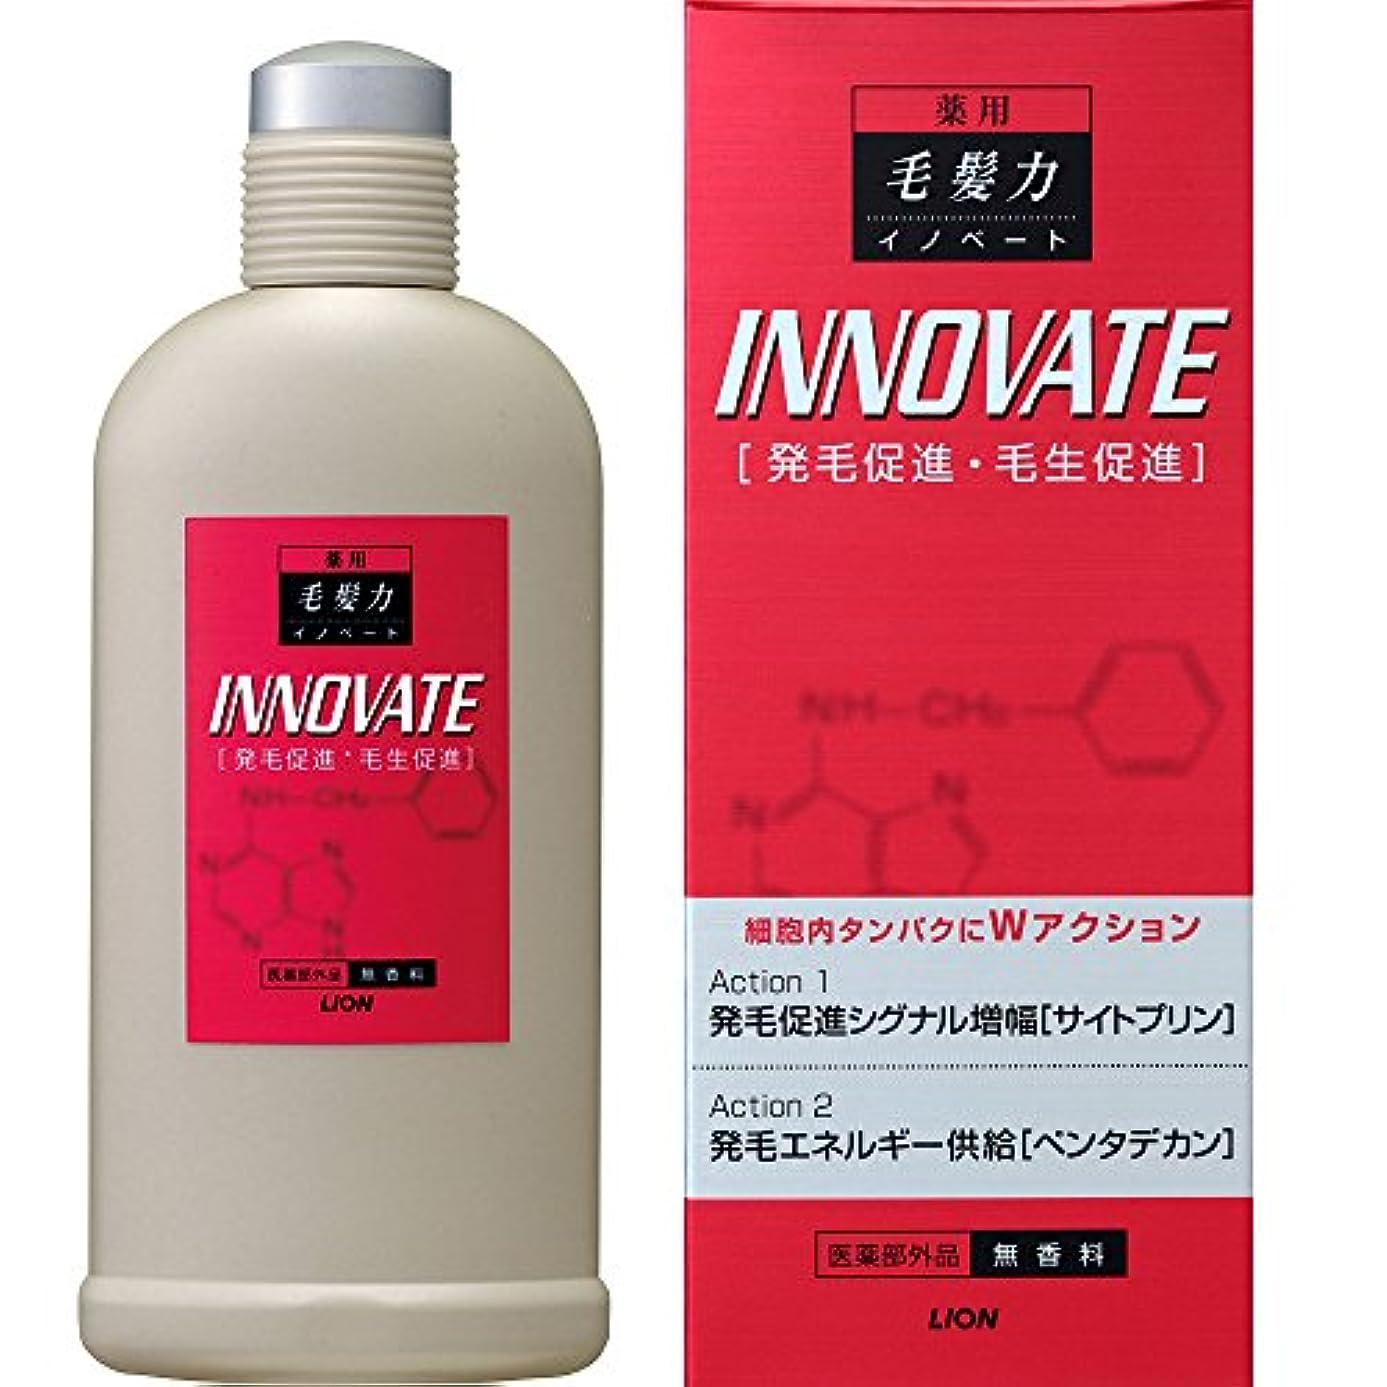 威信疲れた年薬用毛髪力イノベート 育毛剤 200ml(医薬部外品)